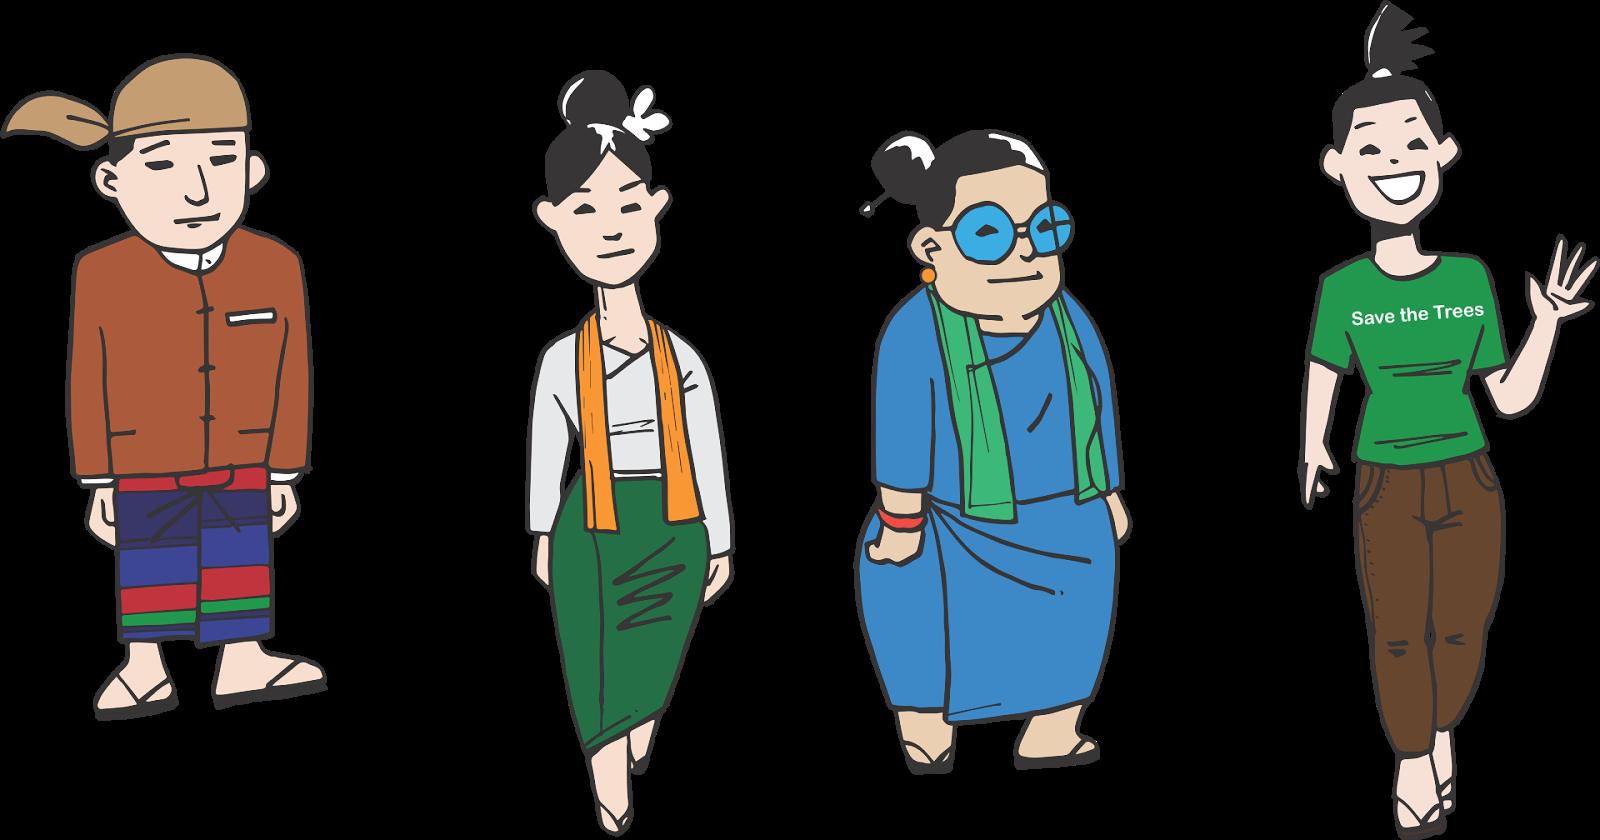 ಬುದ್ಧಿವಂತರ 21 ಪೋಲಿ ಮಾತುಗಳು - Lover's Talk in Kannada